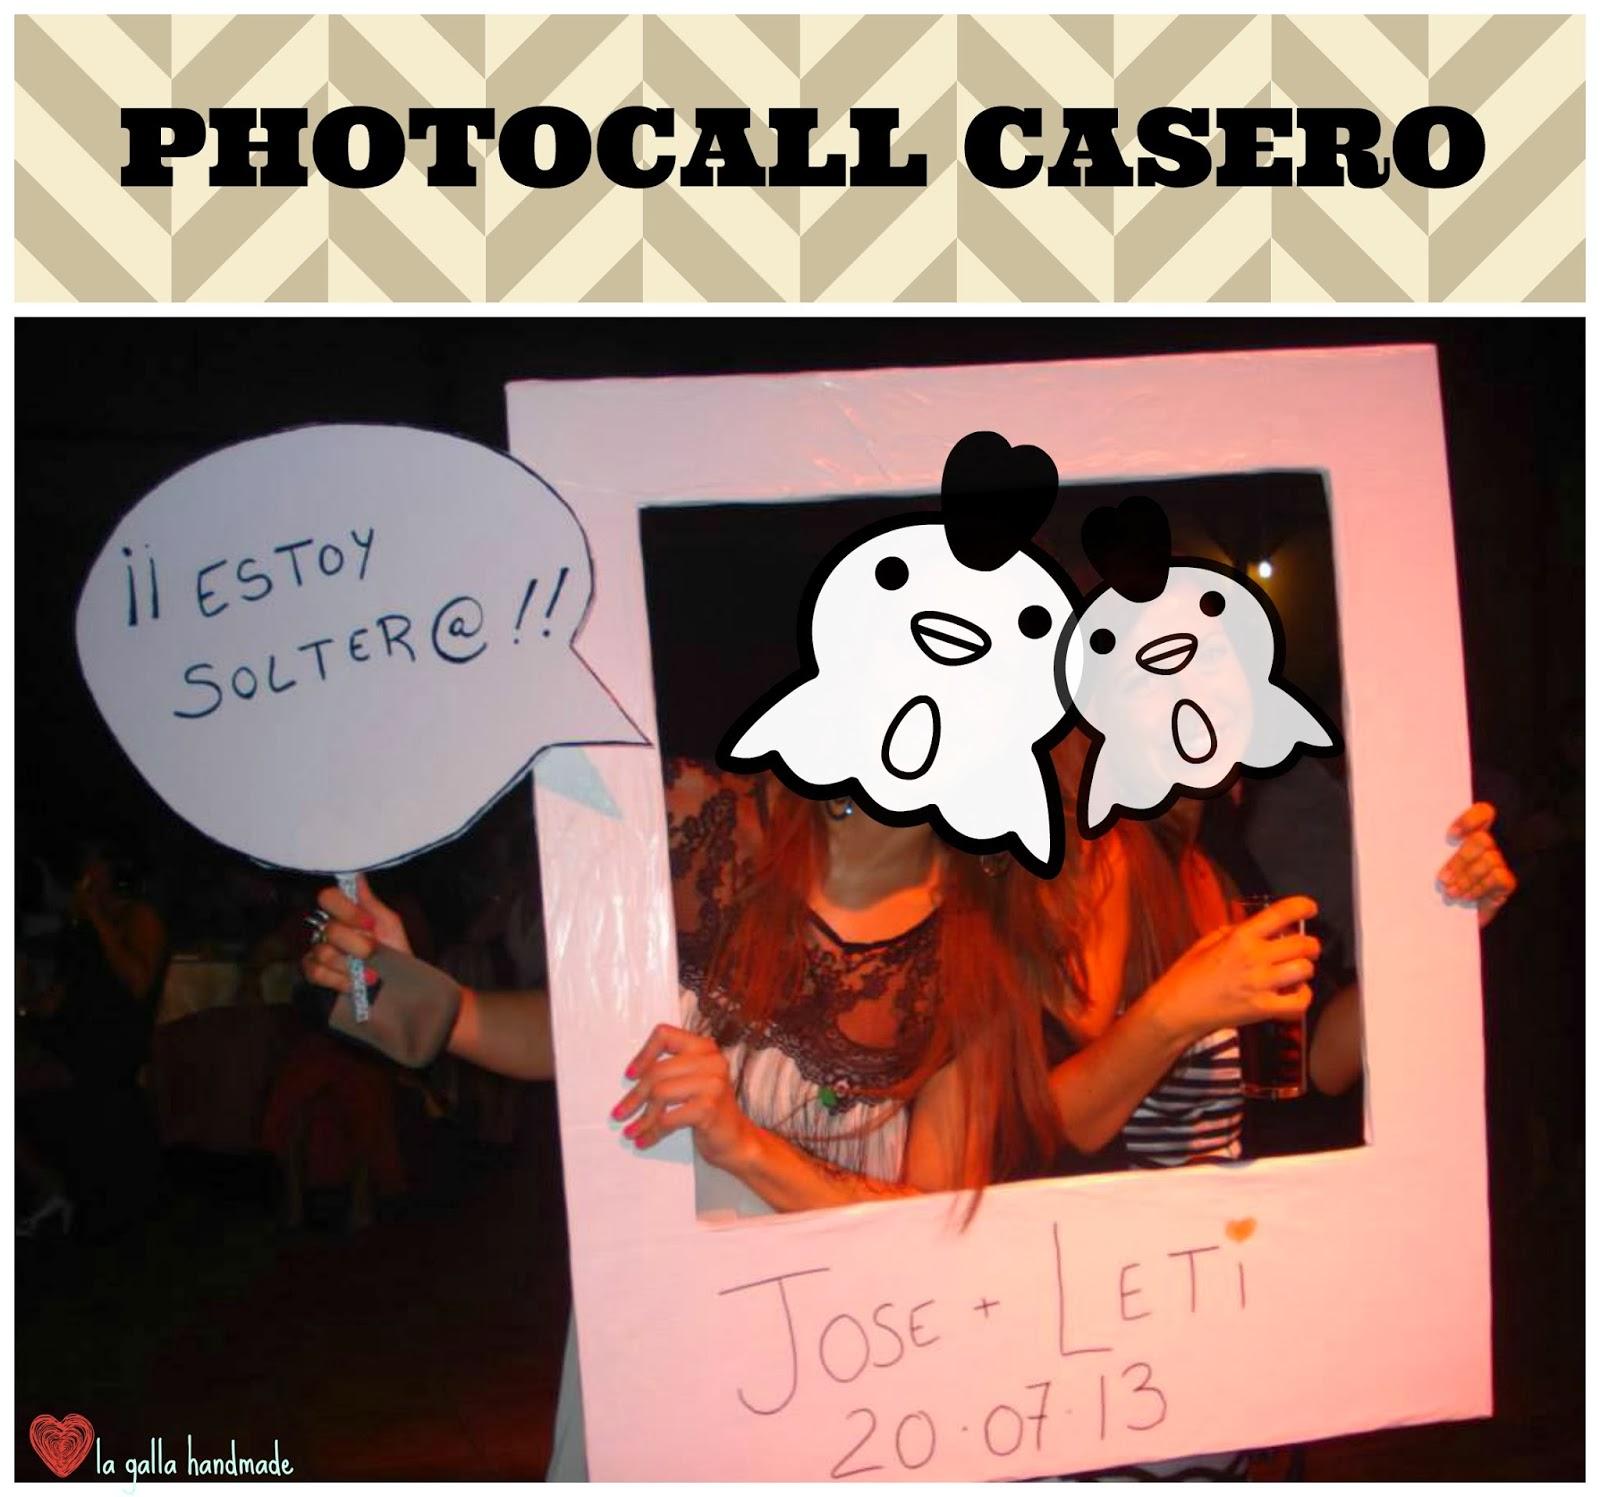 La galla handmade photocall casero - Photocall boda casero ...